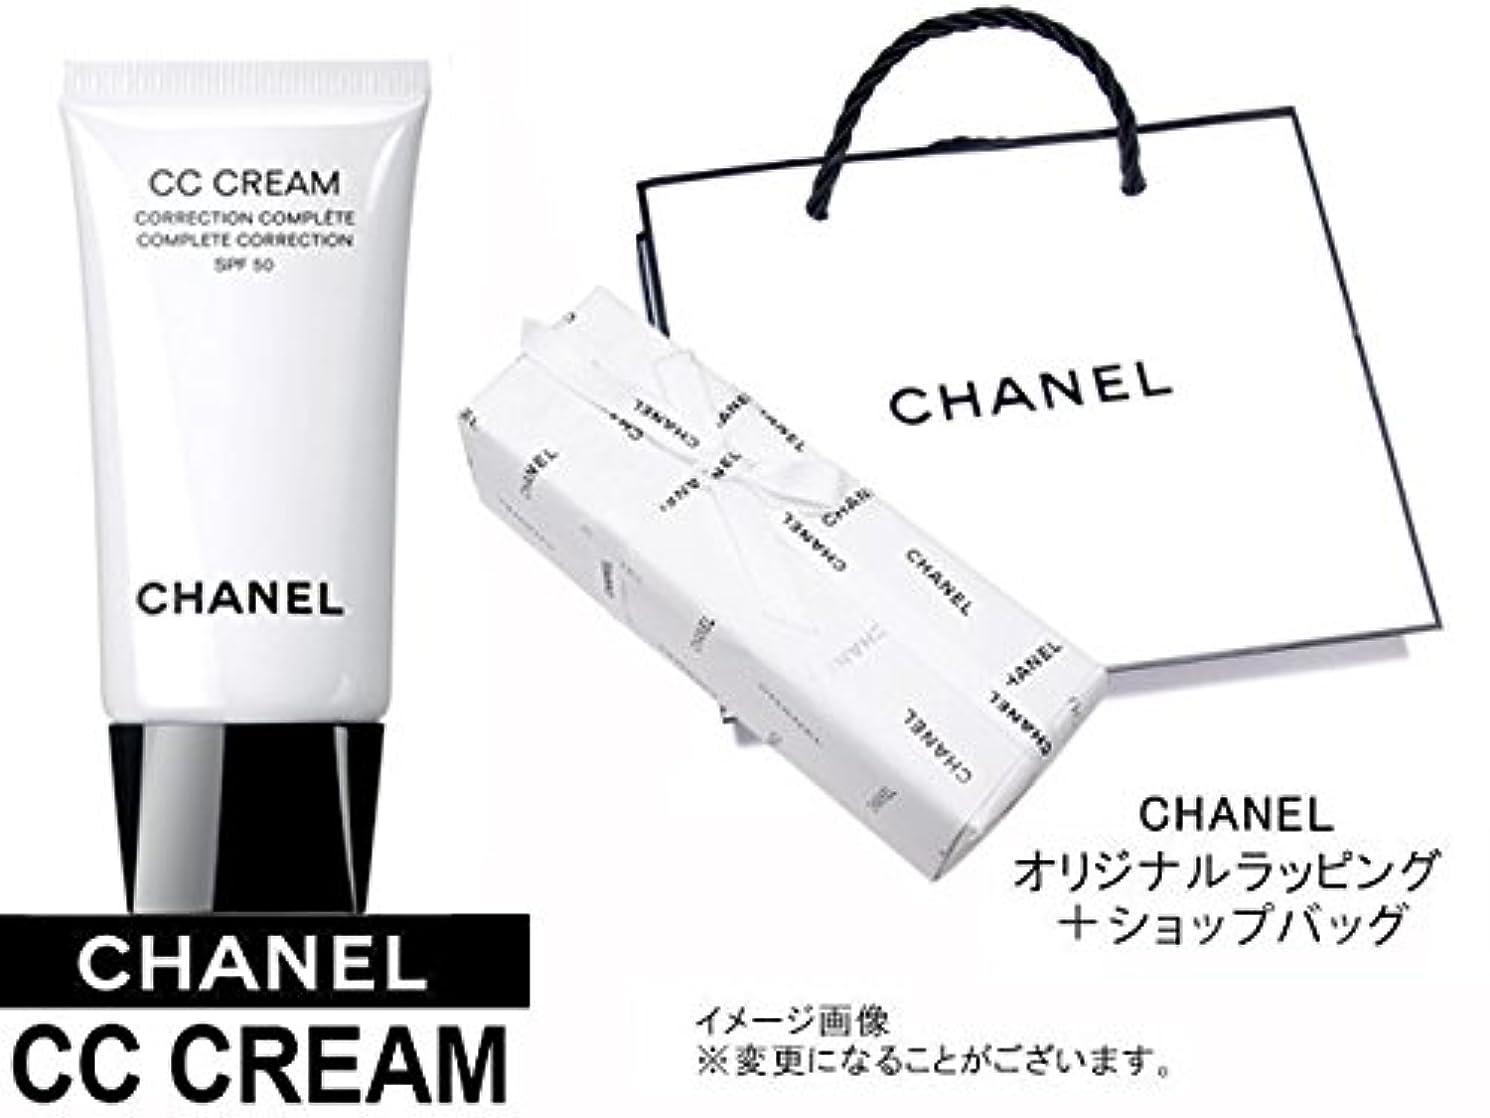 ヒゲコート形成CHANEL CC CREAM シャネル CCクリーム SPF50?PA+++ 30ml オリジナルラッピング+ショップバッグ (並行輸入)